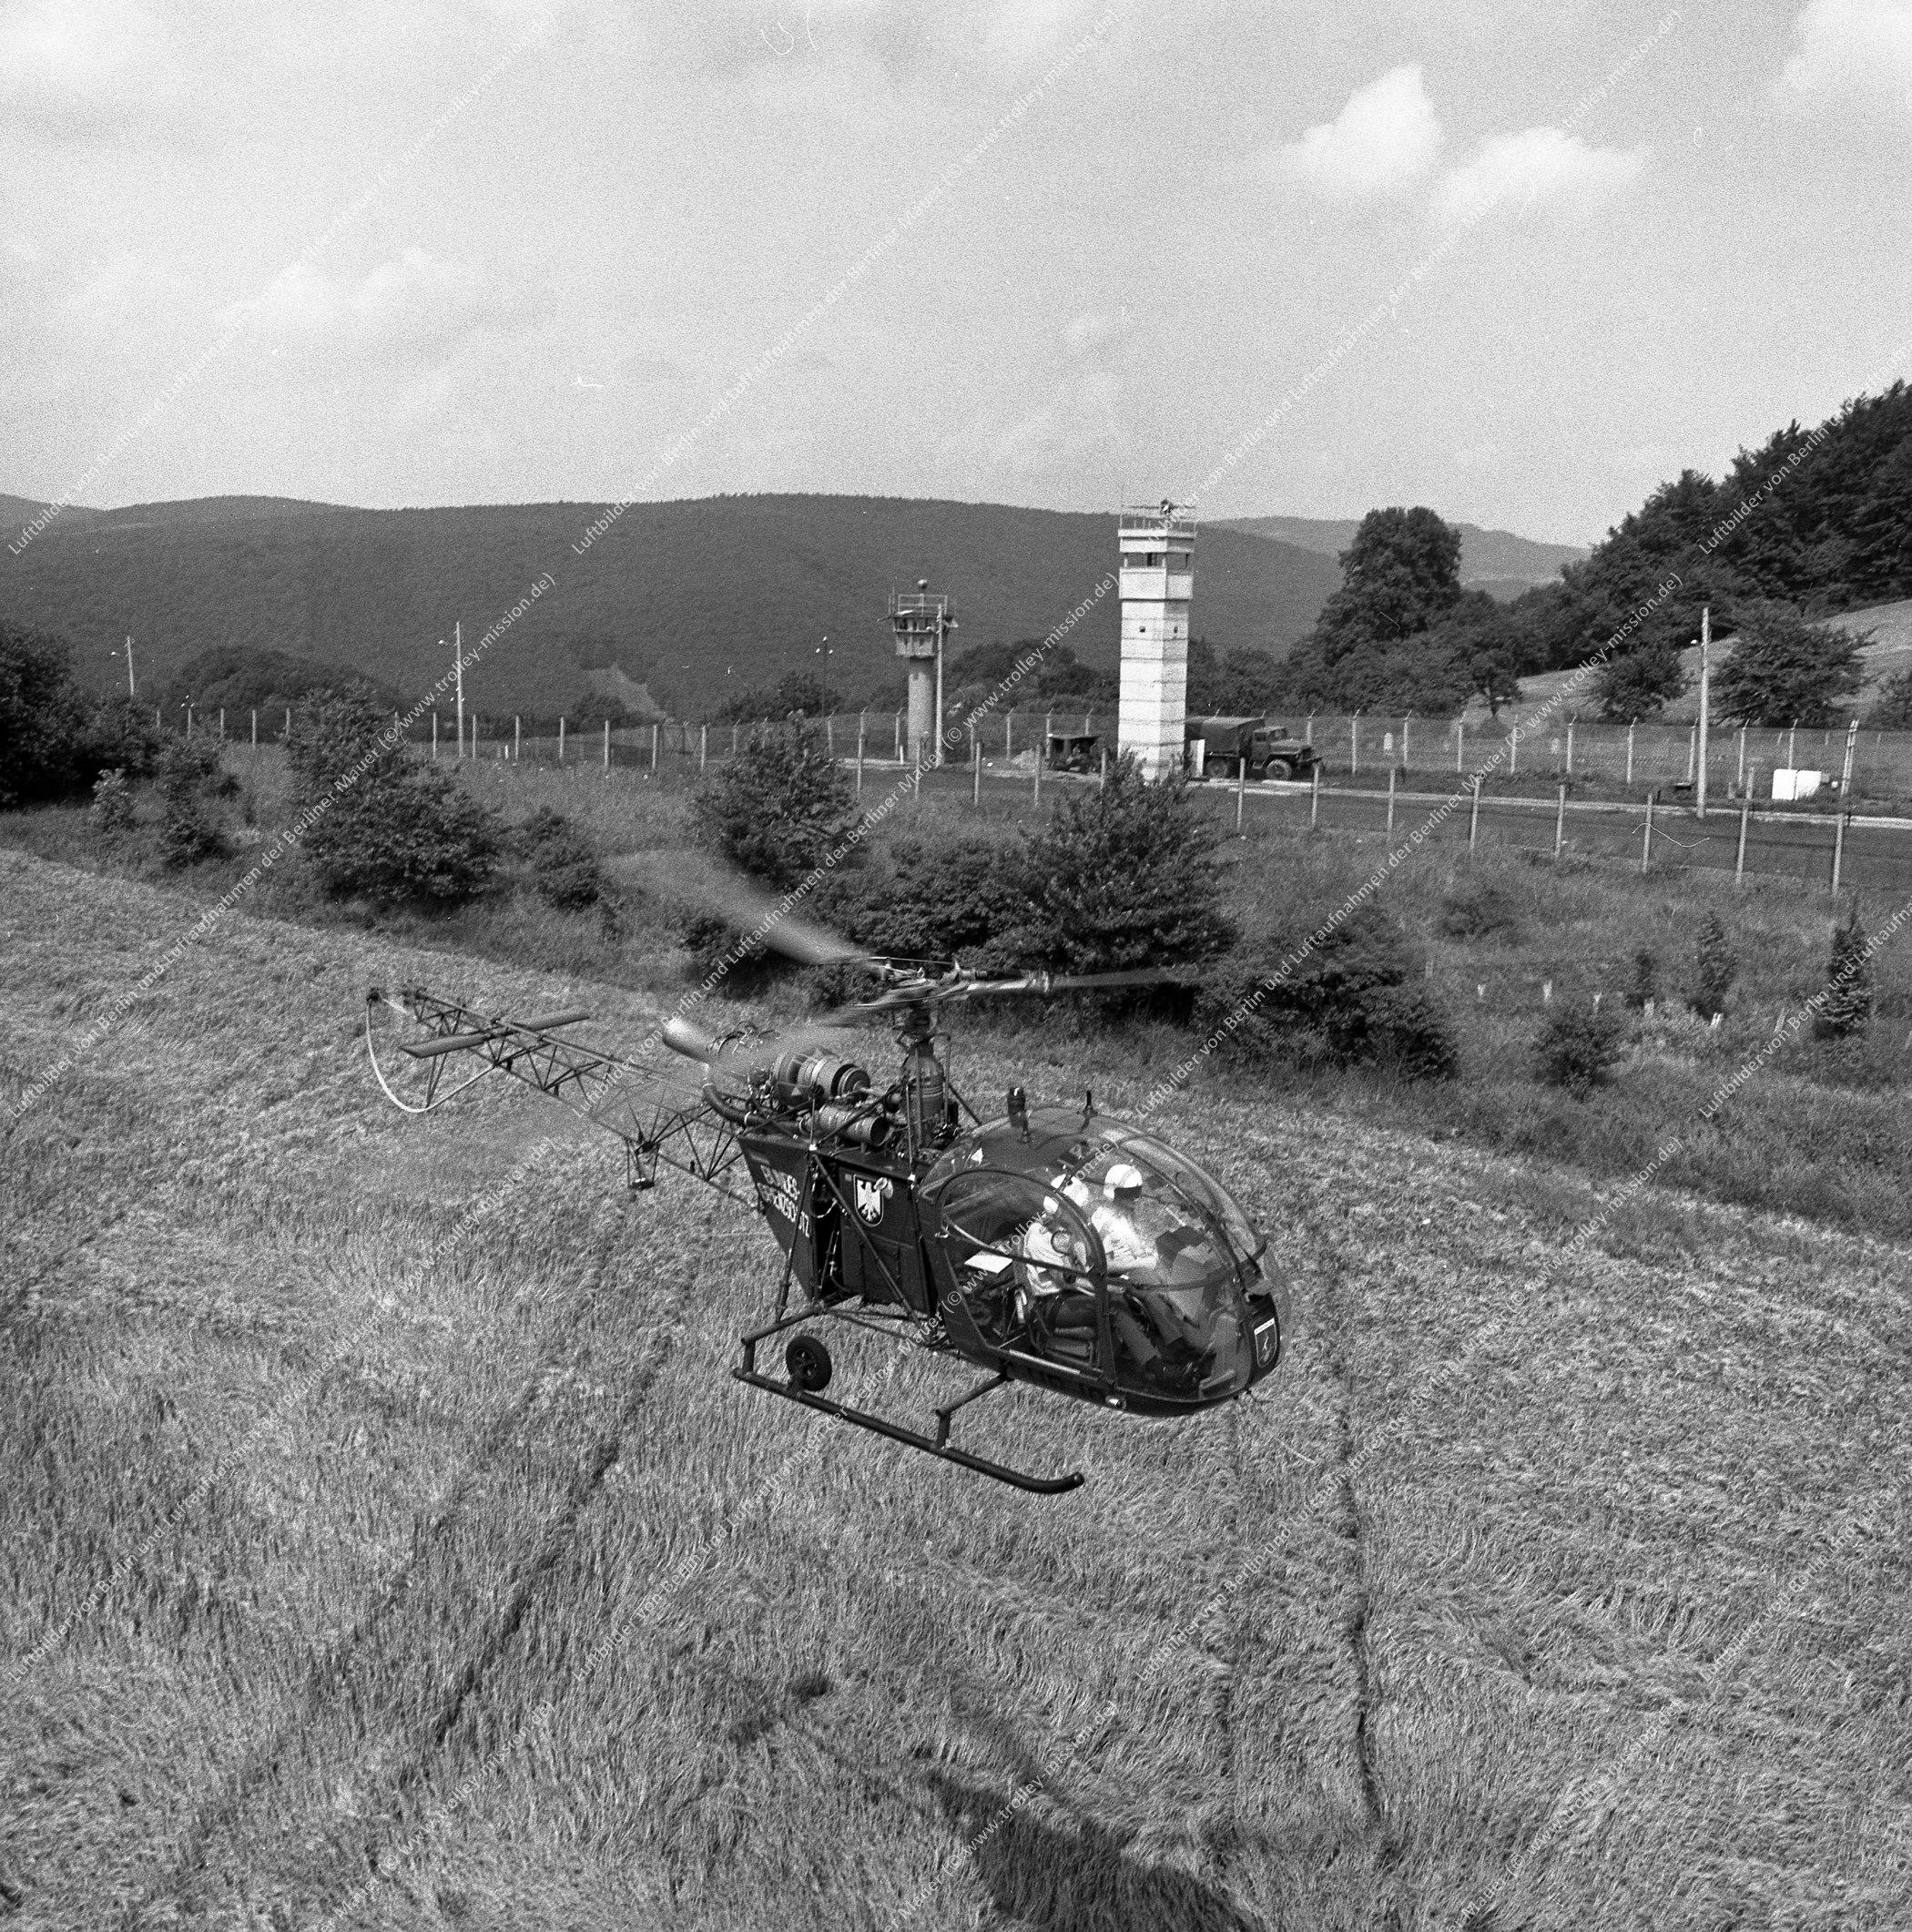 Vermutlich innerdeutsche Grenze (BRD/DDR) Hubschrauber und Bundesgrenzschutz (Bild 114)